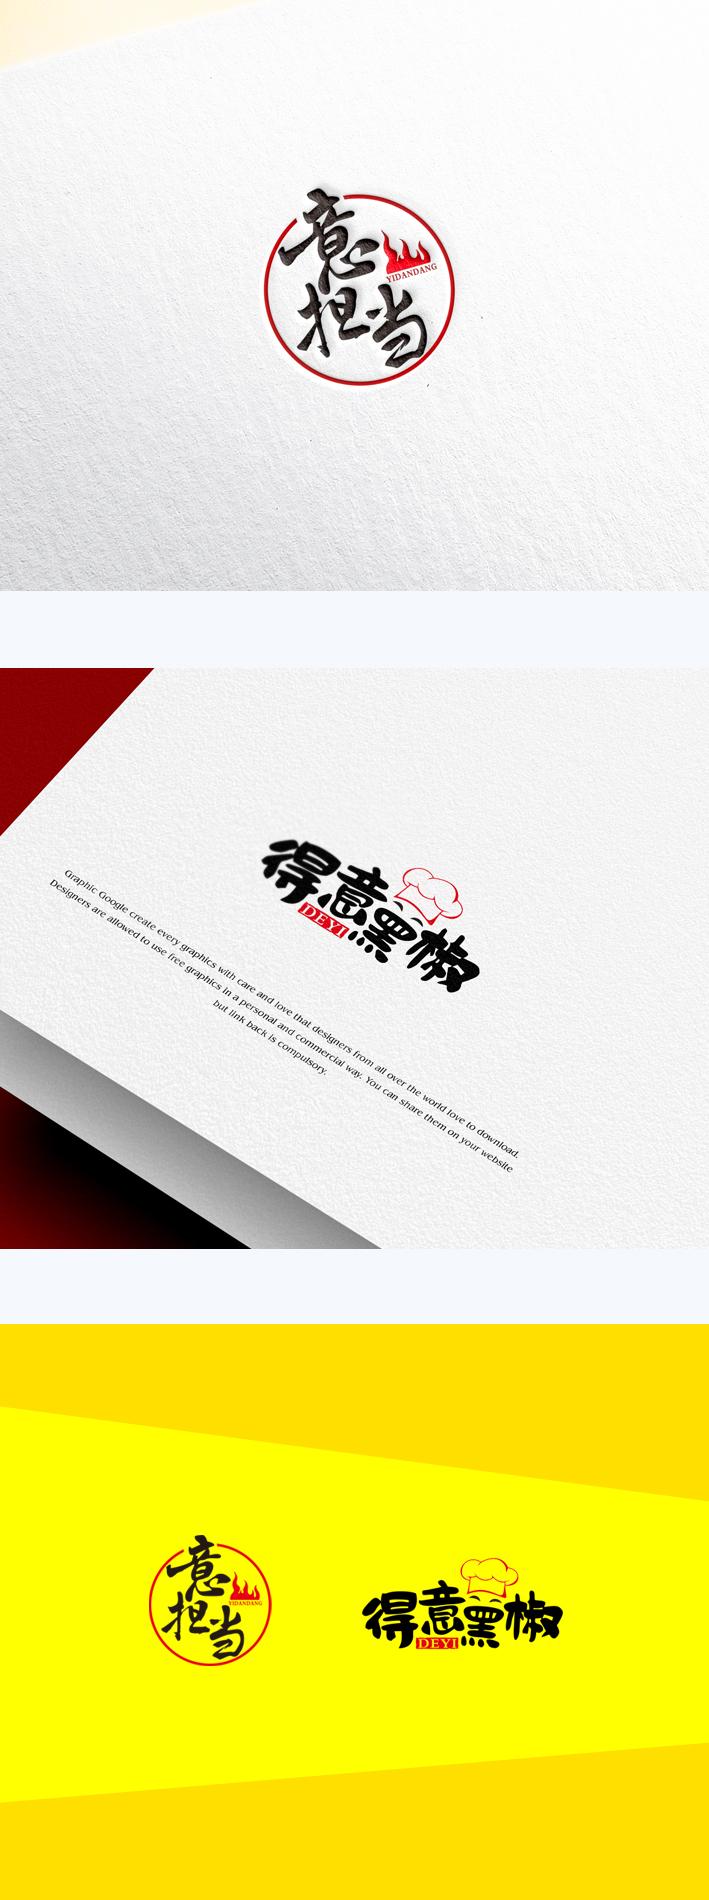 快餐店logo设计(4.1内容有补充)_3036929_k68威客网